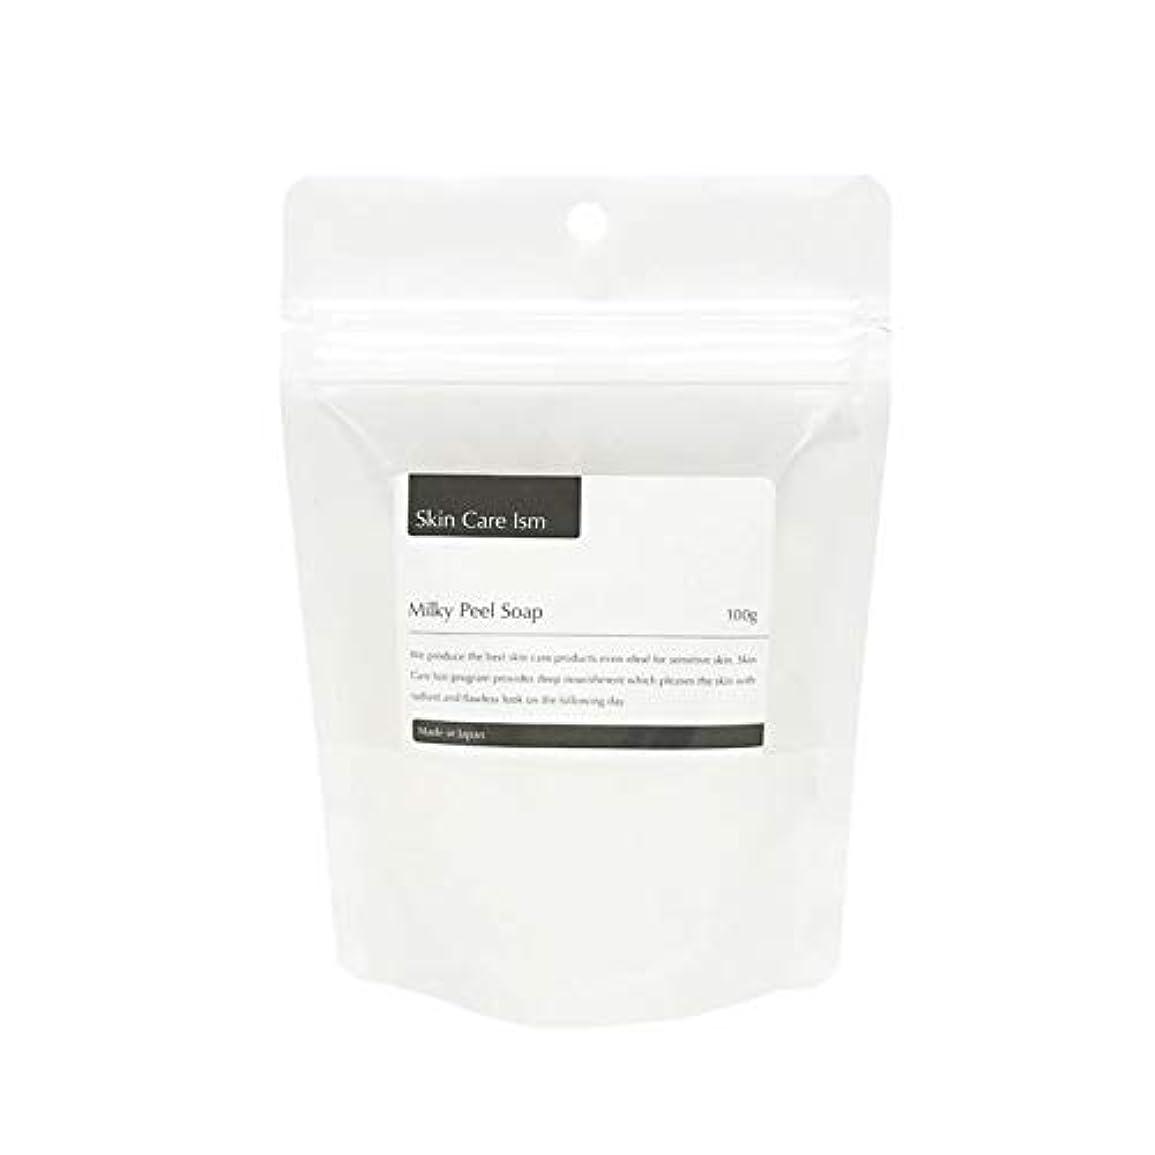 速報手数料の慈悲で【Skin Care Ism / Milky Peel Soap】スキンケアイズム?ミルキーピールソープ